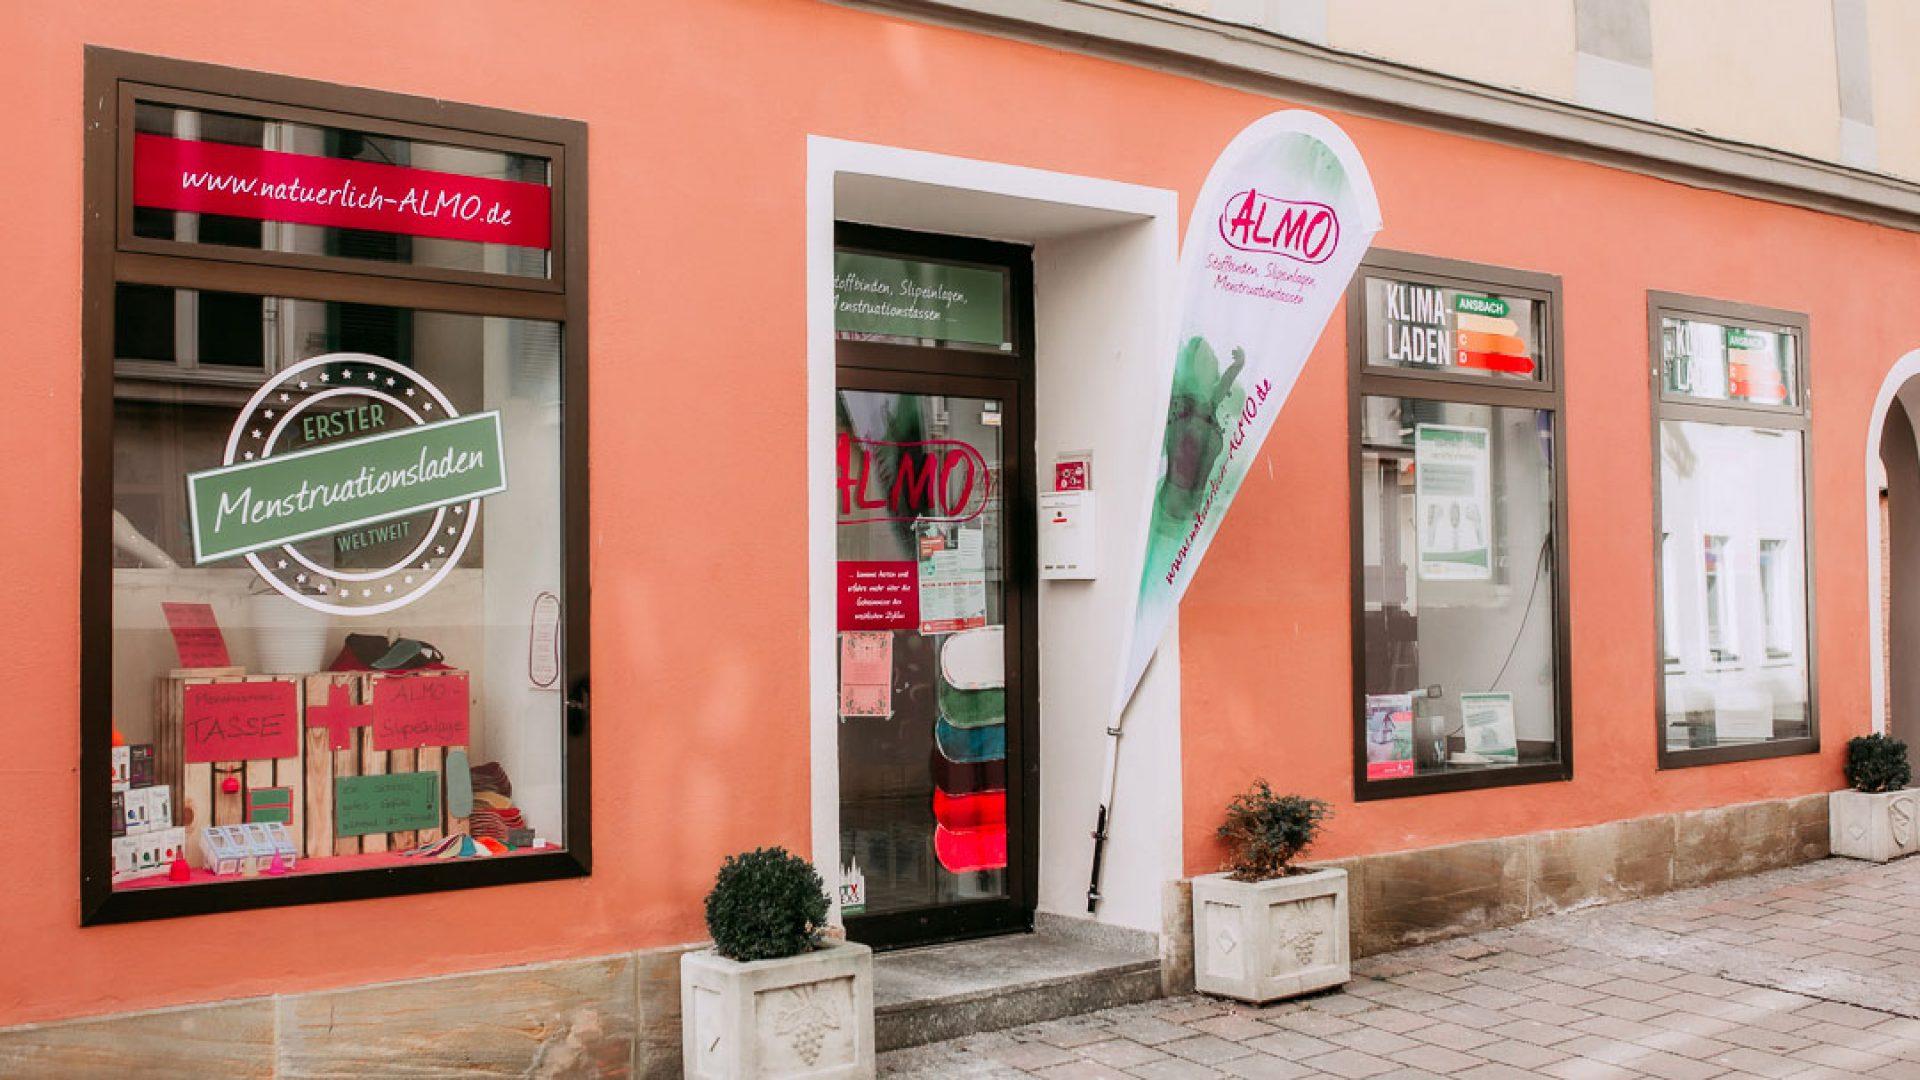 Einkaufen-in-Ansbach-Almo